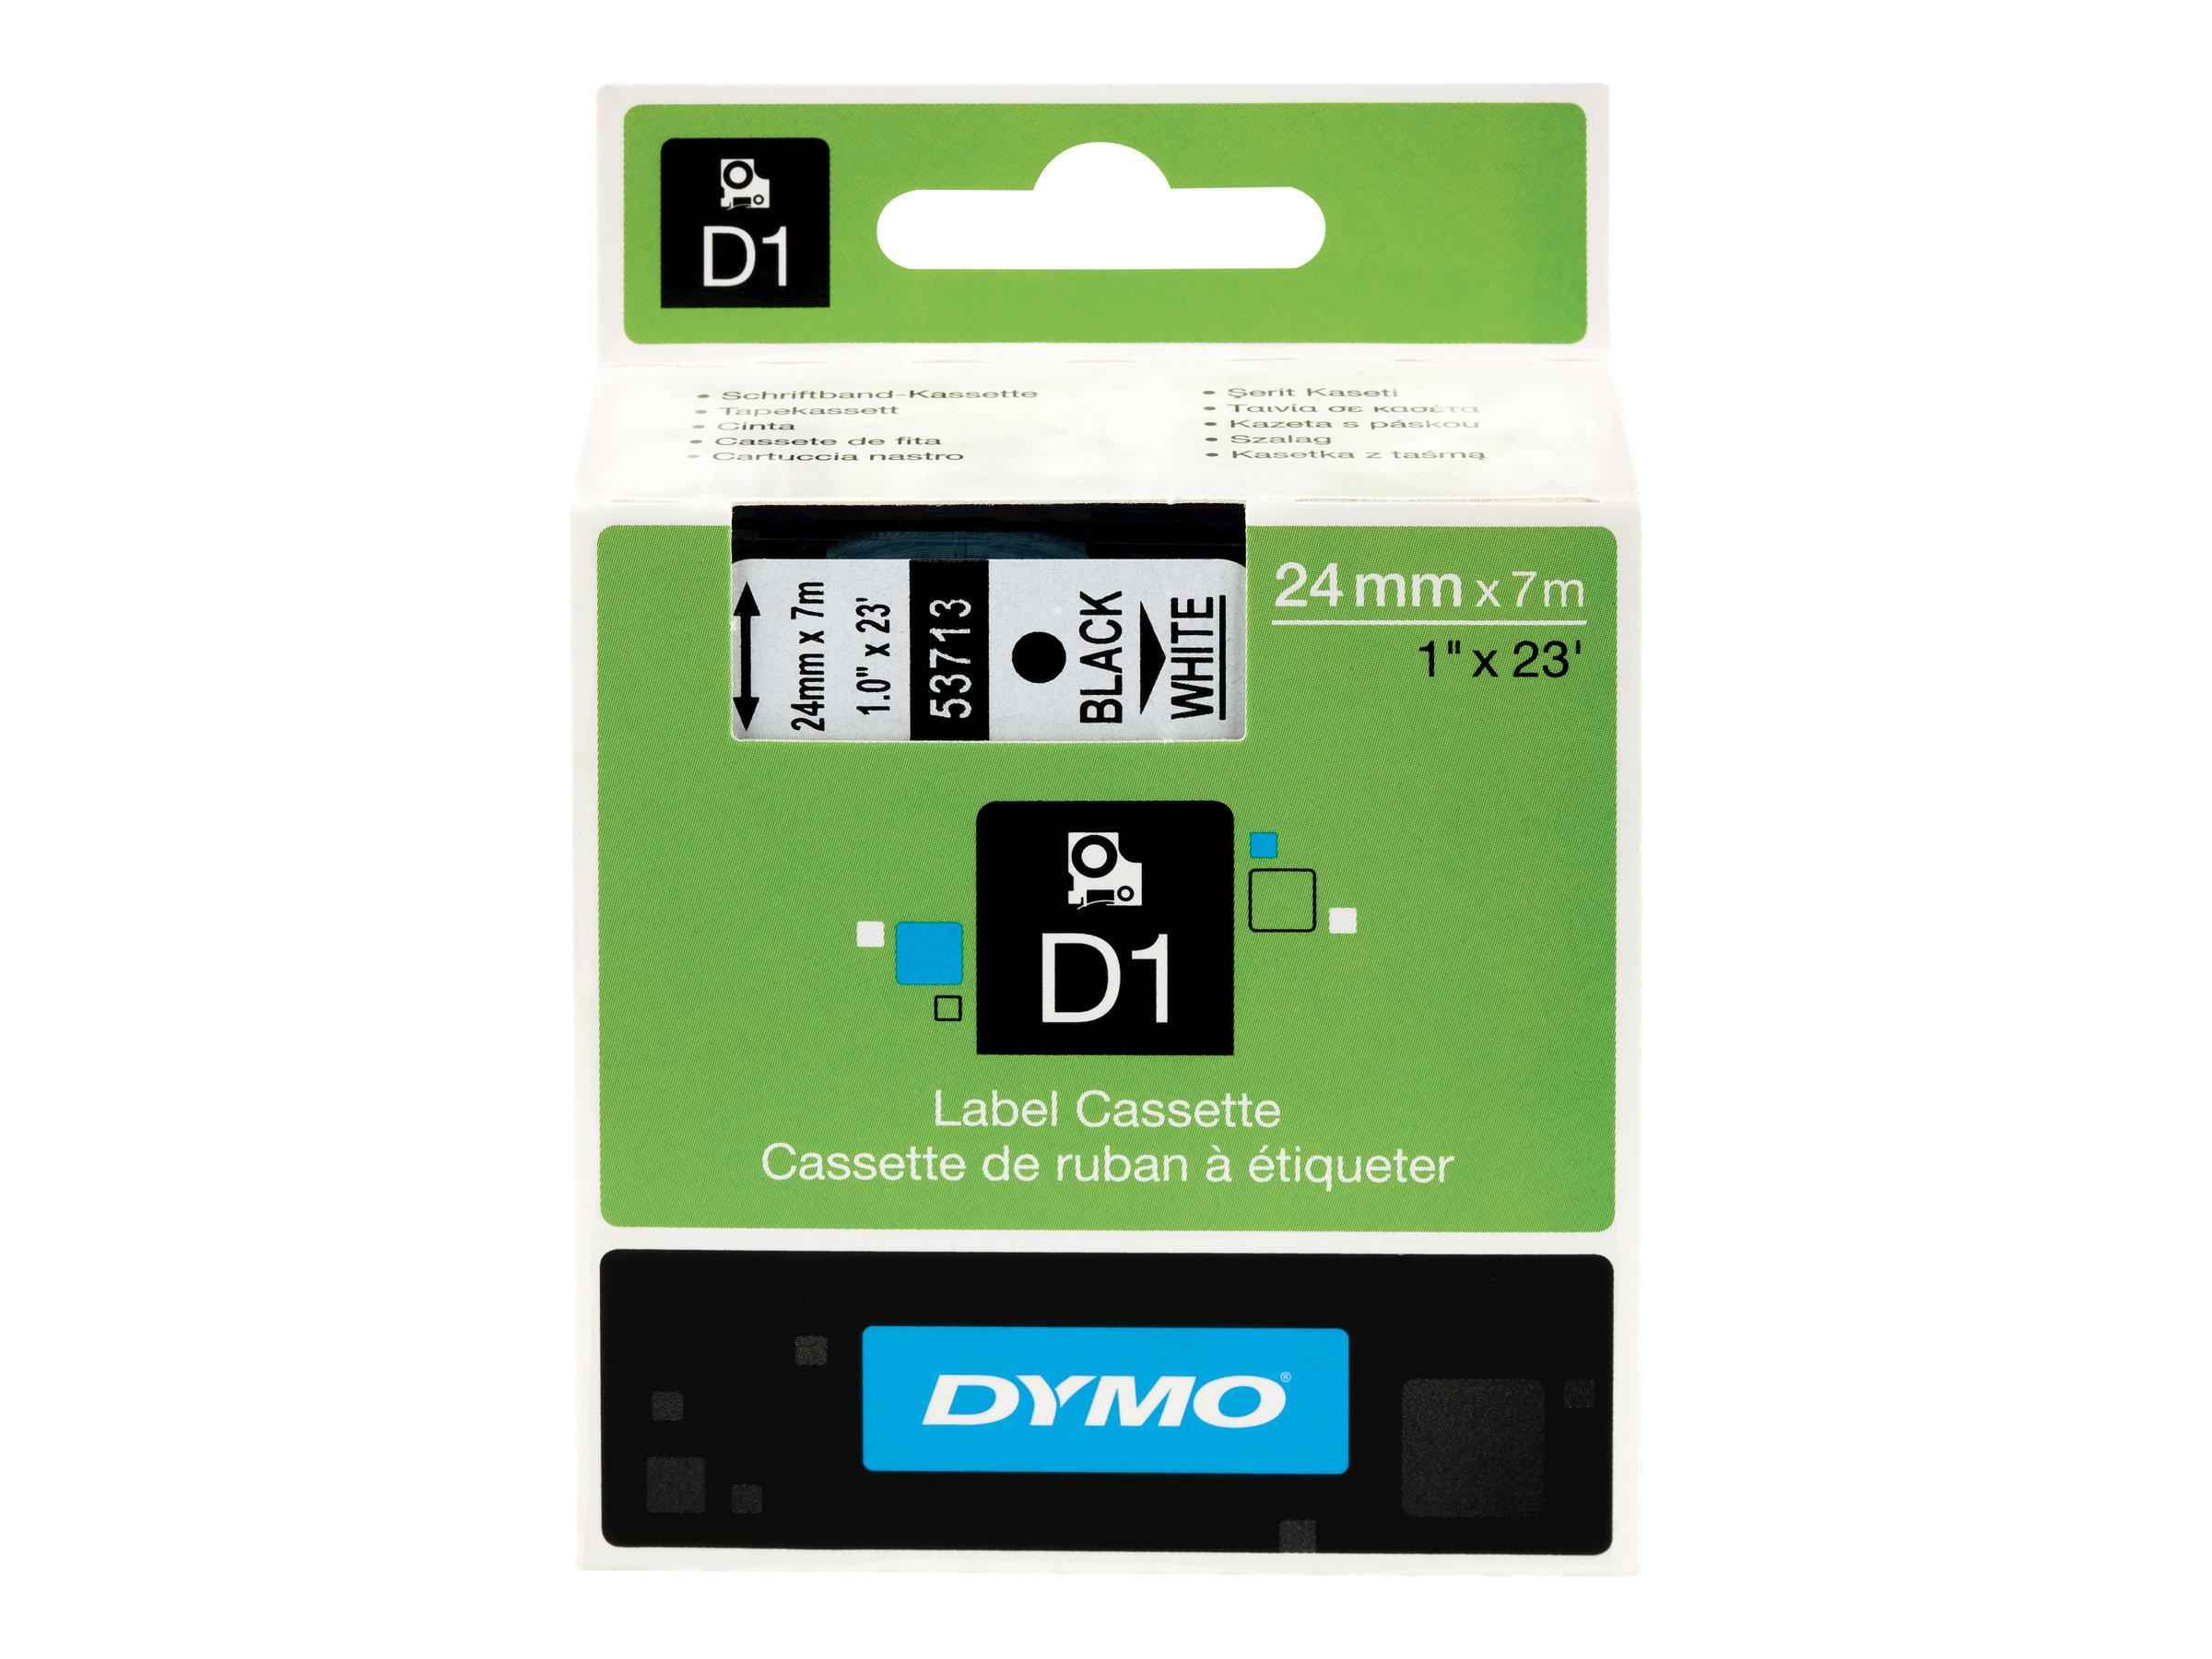 DYMO D1 - Glänzend - Schwarz auf Weiss - Rolle (2,4 cm x 7 m) 1 Rolle(n) Band - für LabelMANAGER 450, 450D, 500TS, PC, PC2, Wire